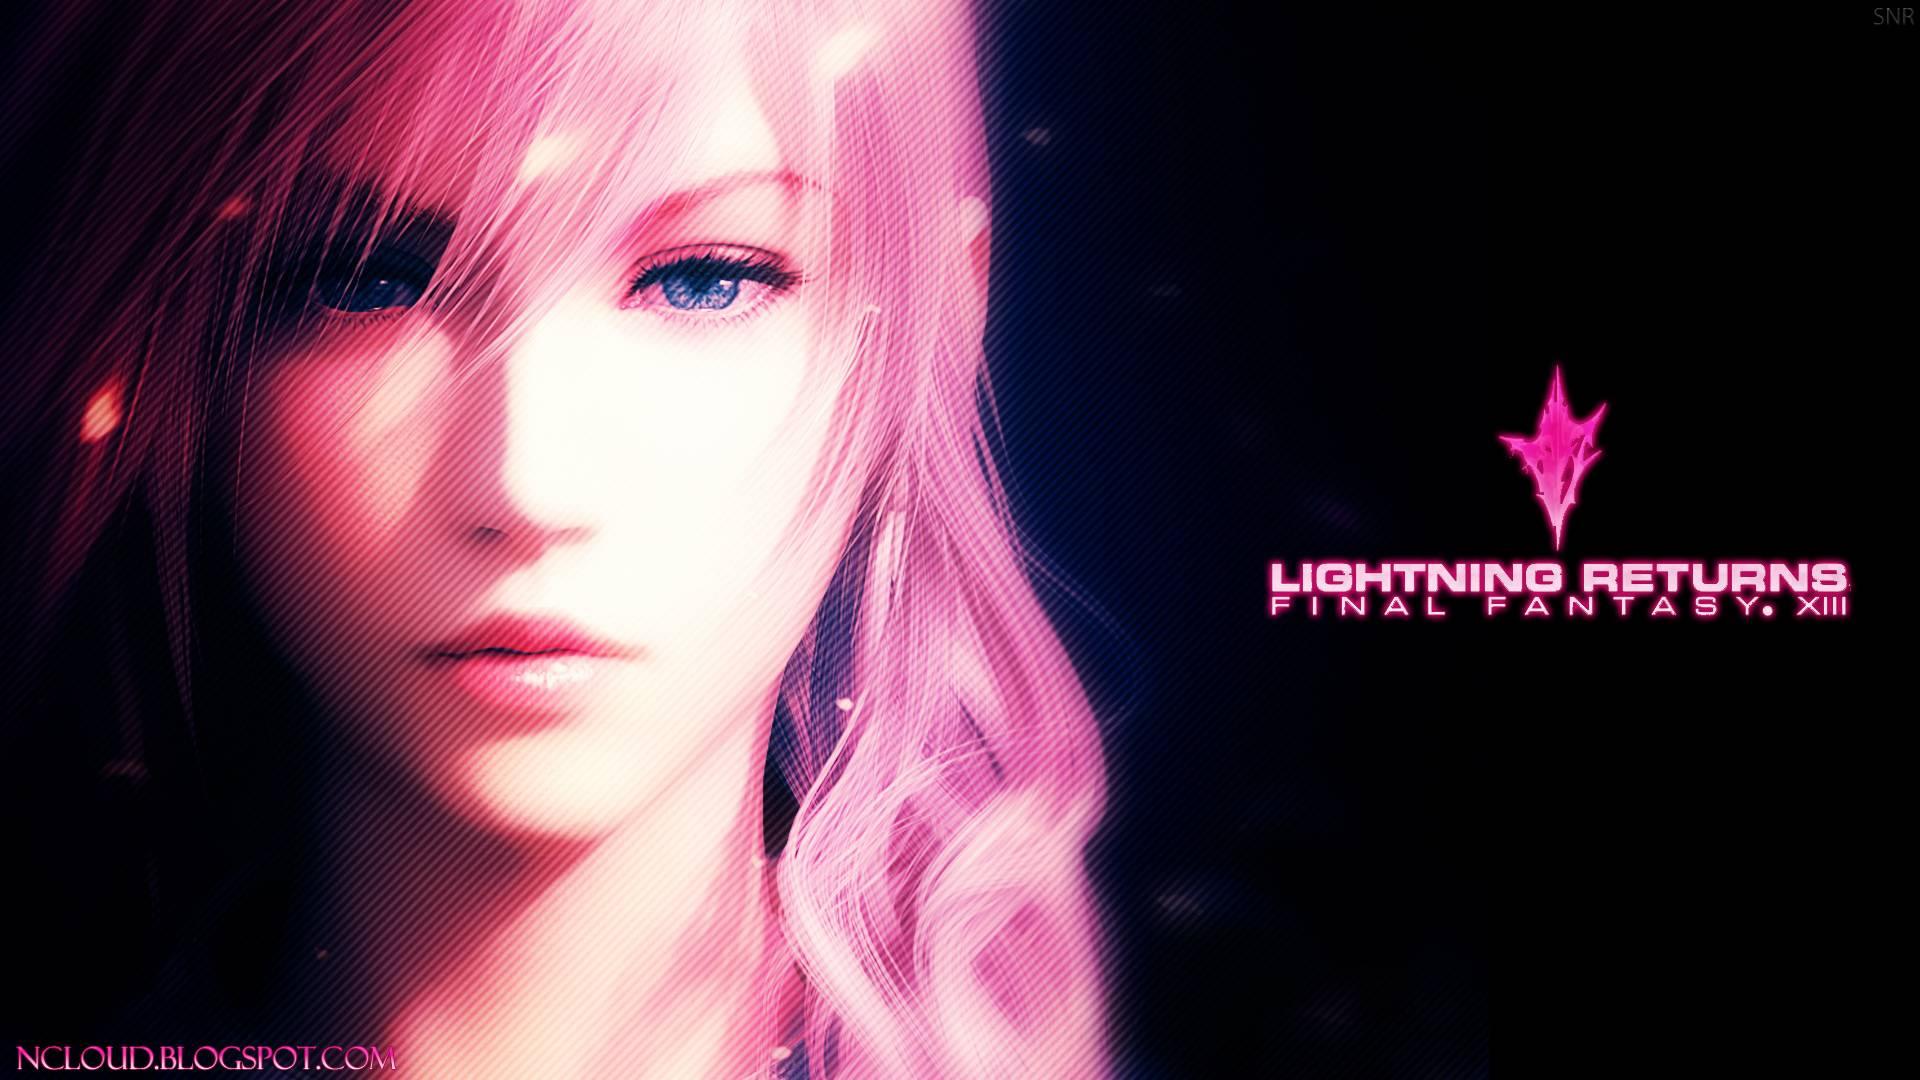 fonds d'écran lightning returns : final fantasy xiii justgeek